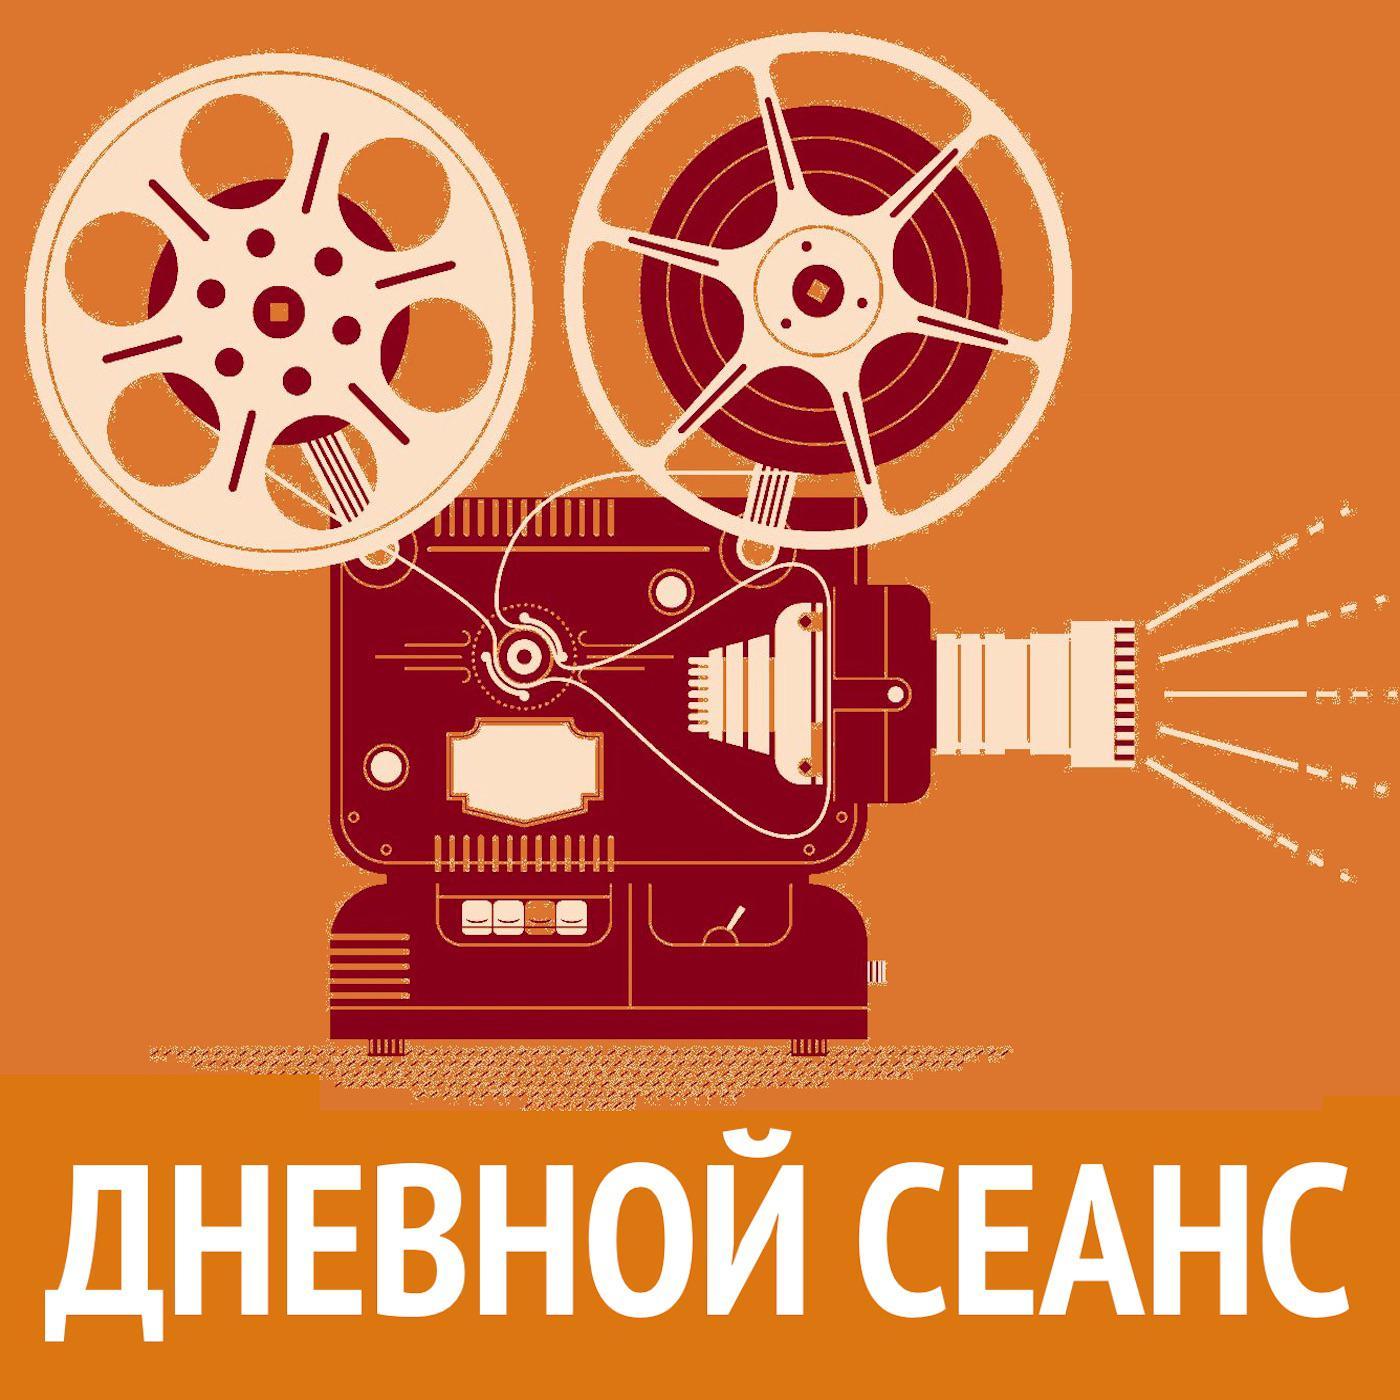 Готовящийся к выходу байопик об Элтон Джоне и другие новости кино и музыки с Ильей Либманом